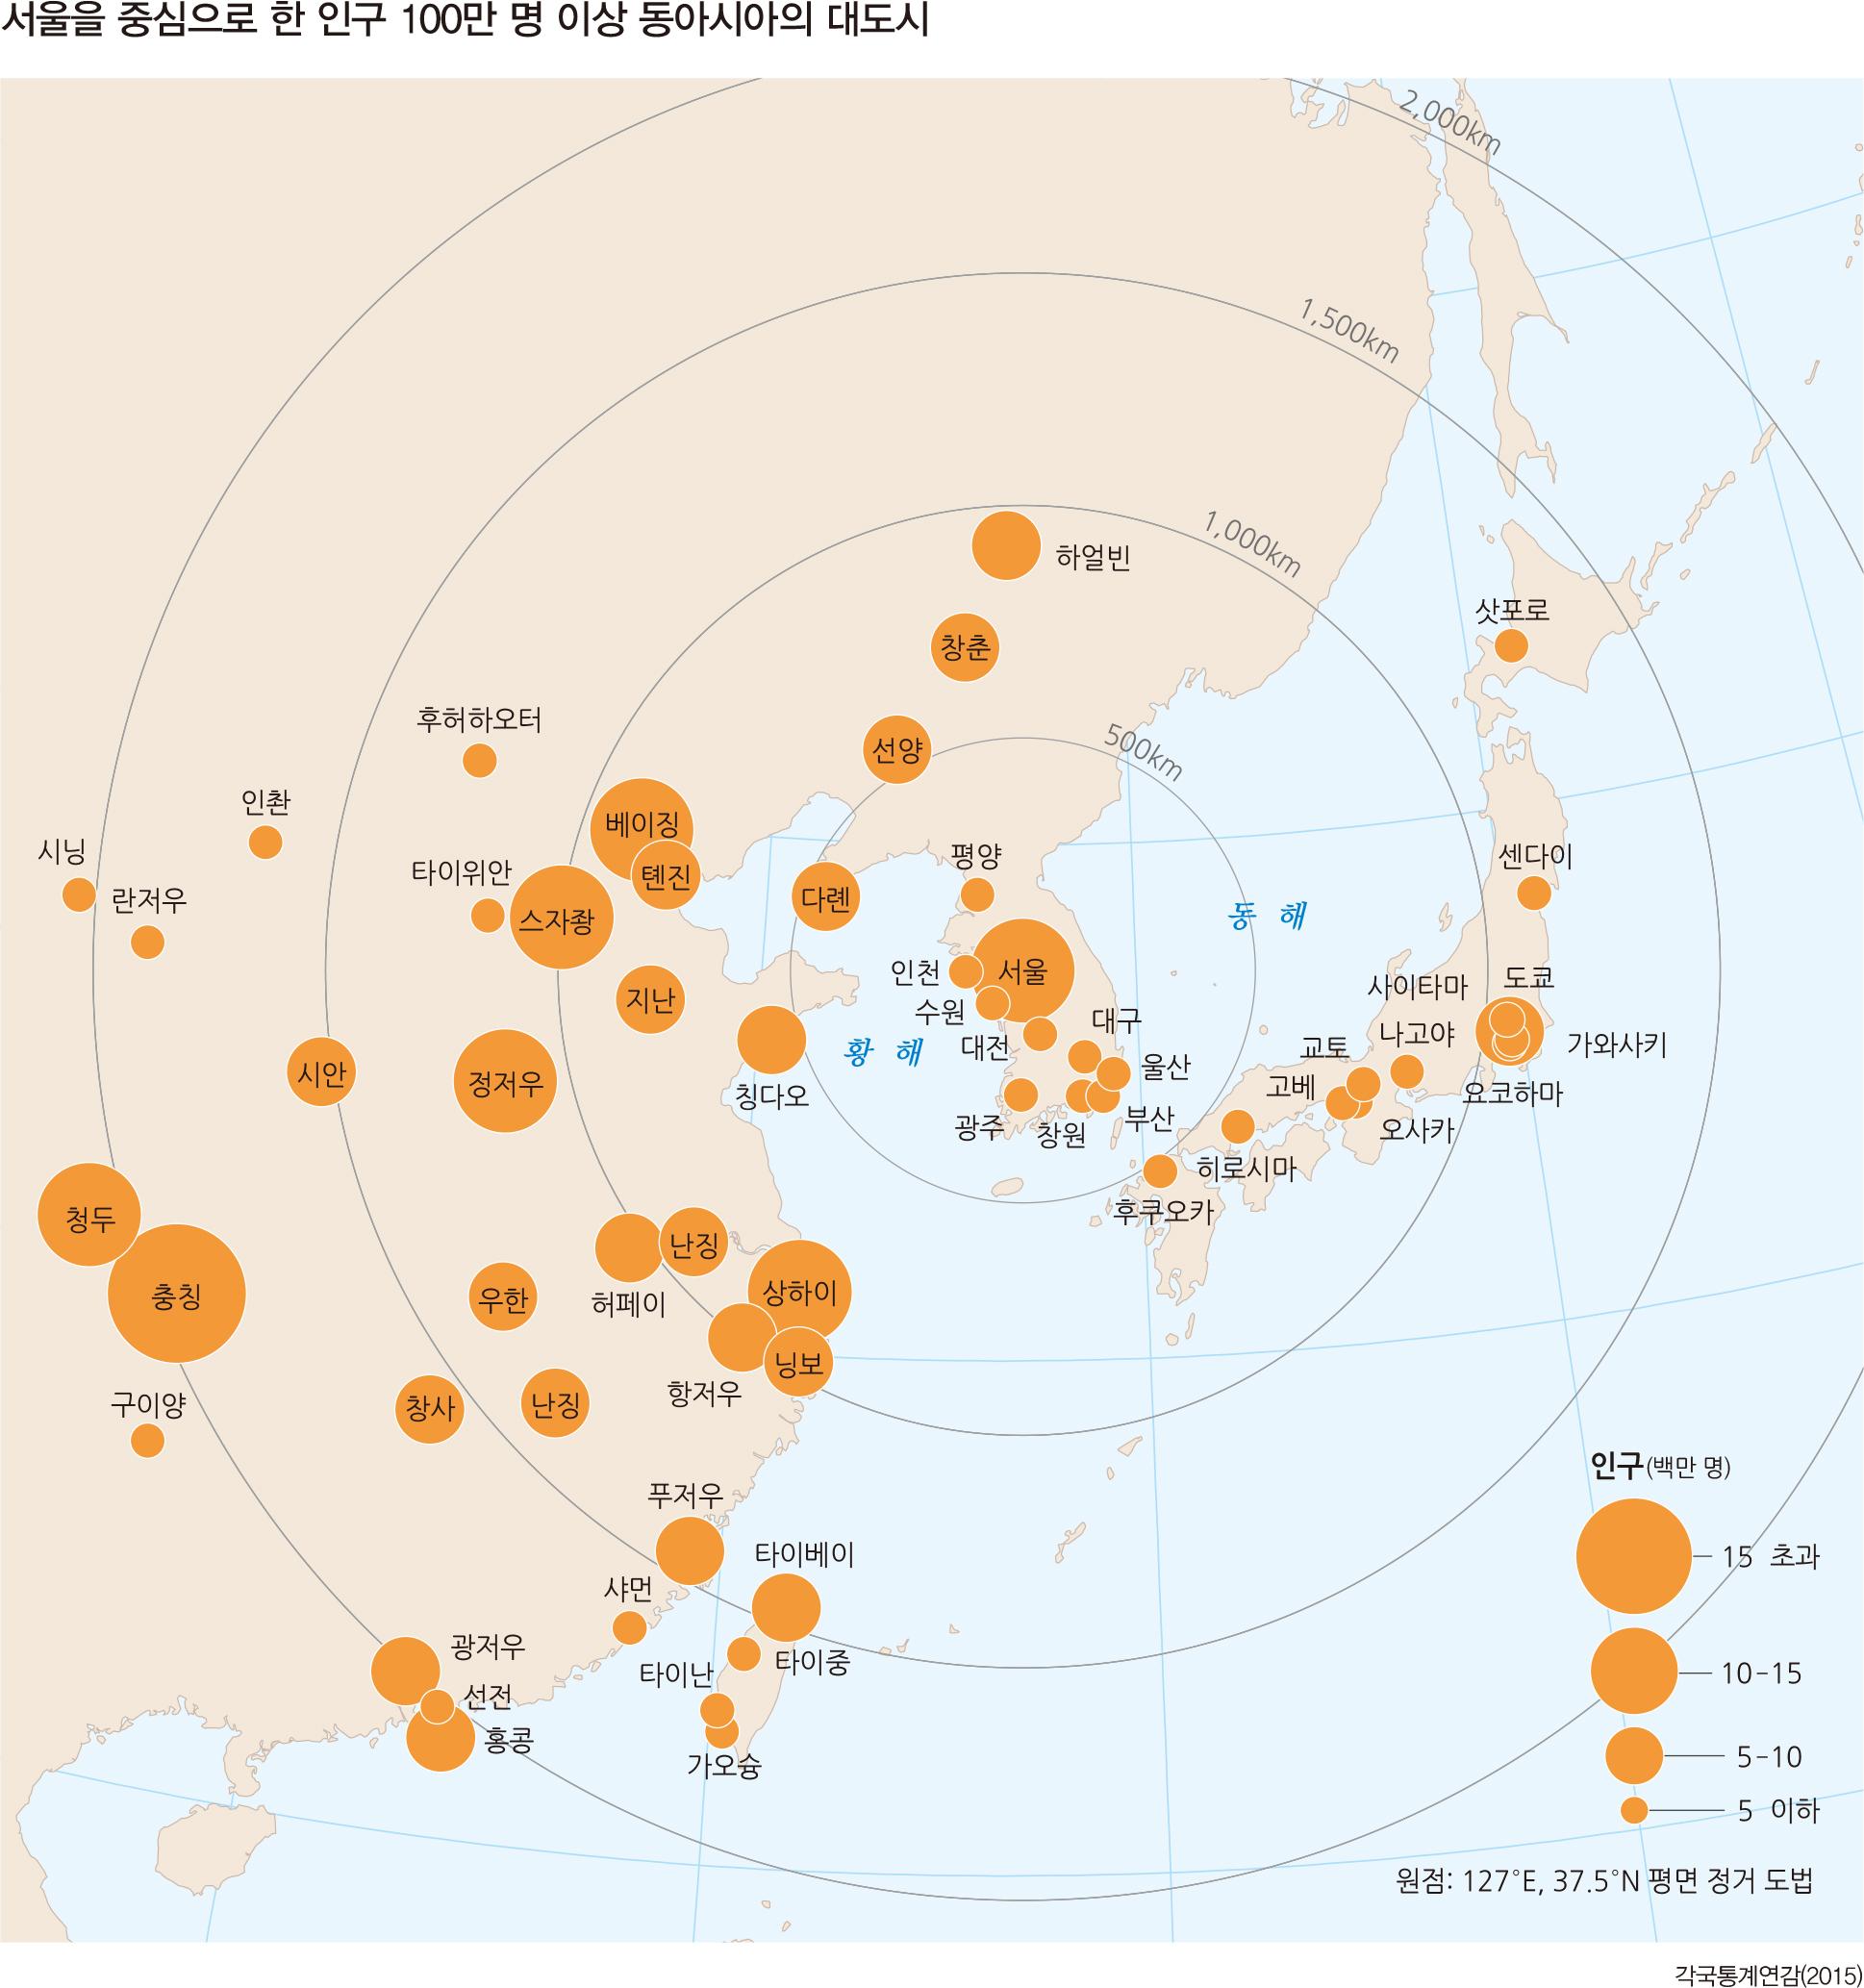 서울을 중심으로 한 인구 100만 명 이상 동아시아의 대도시